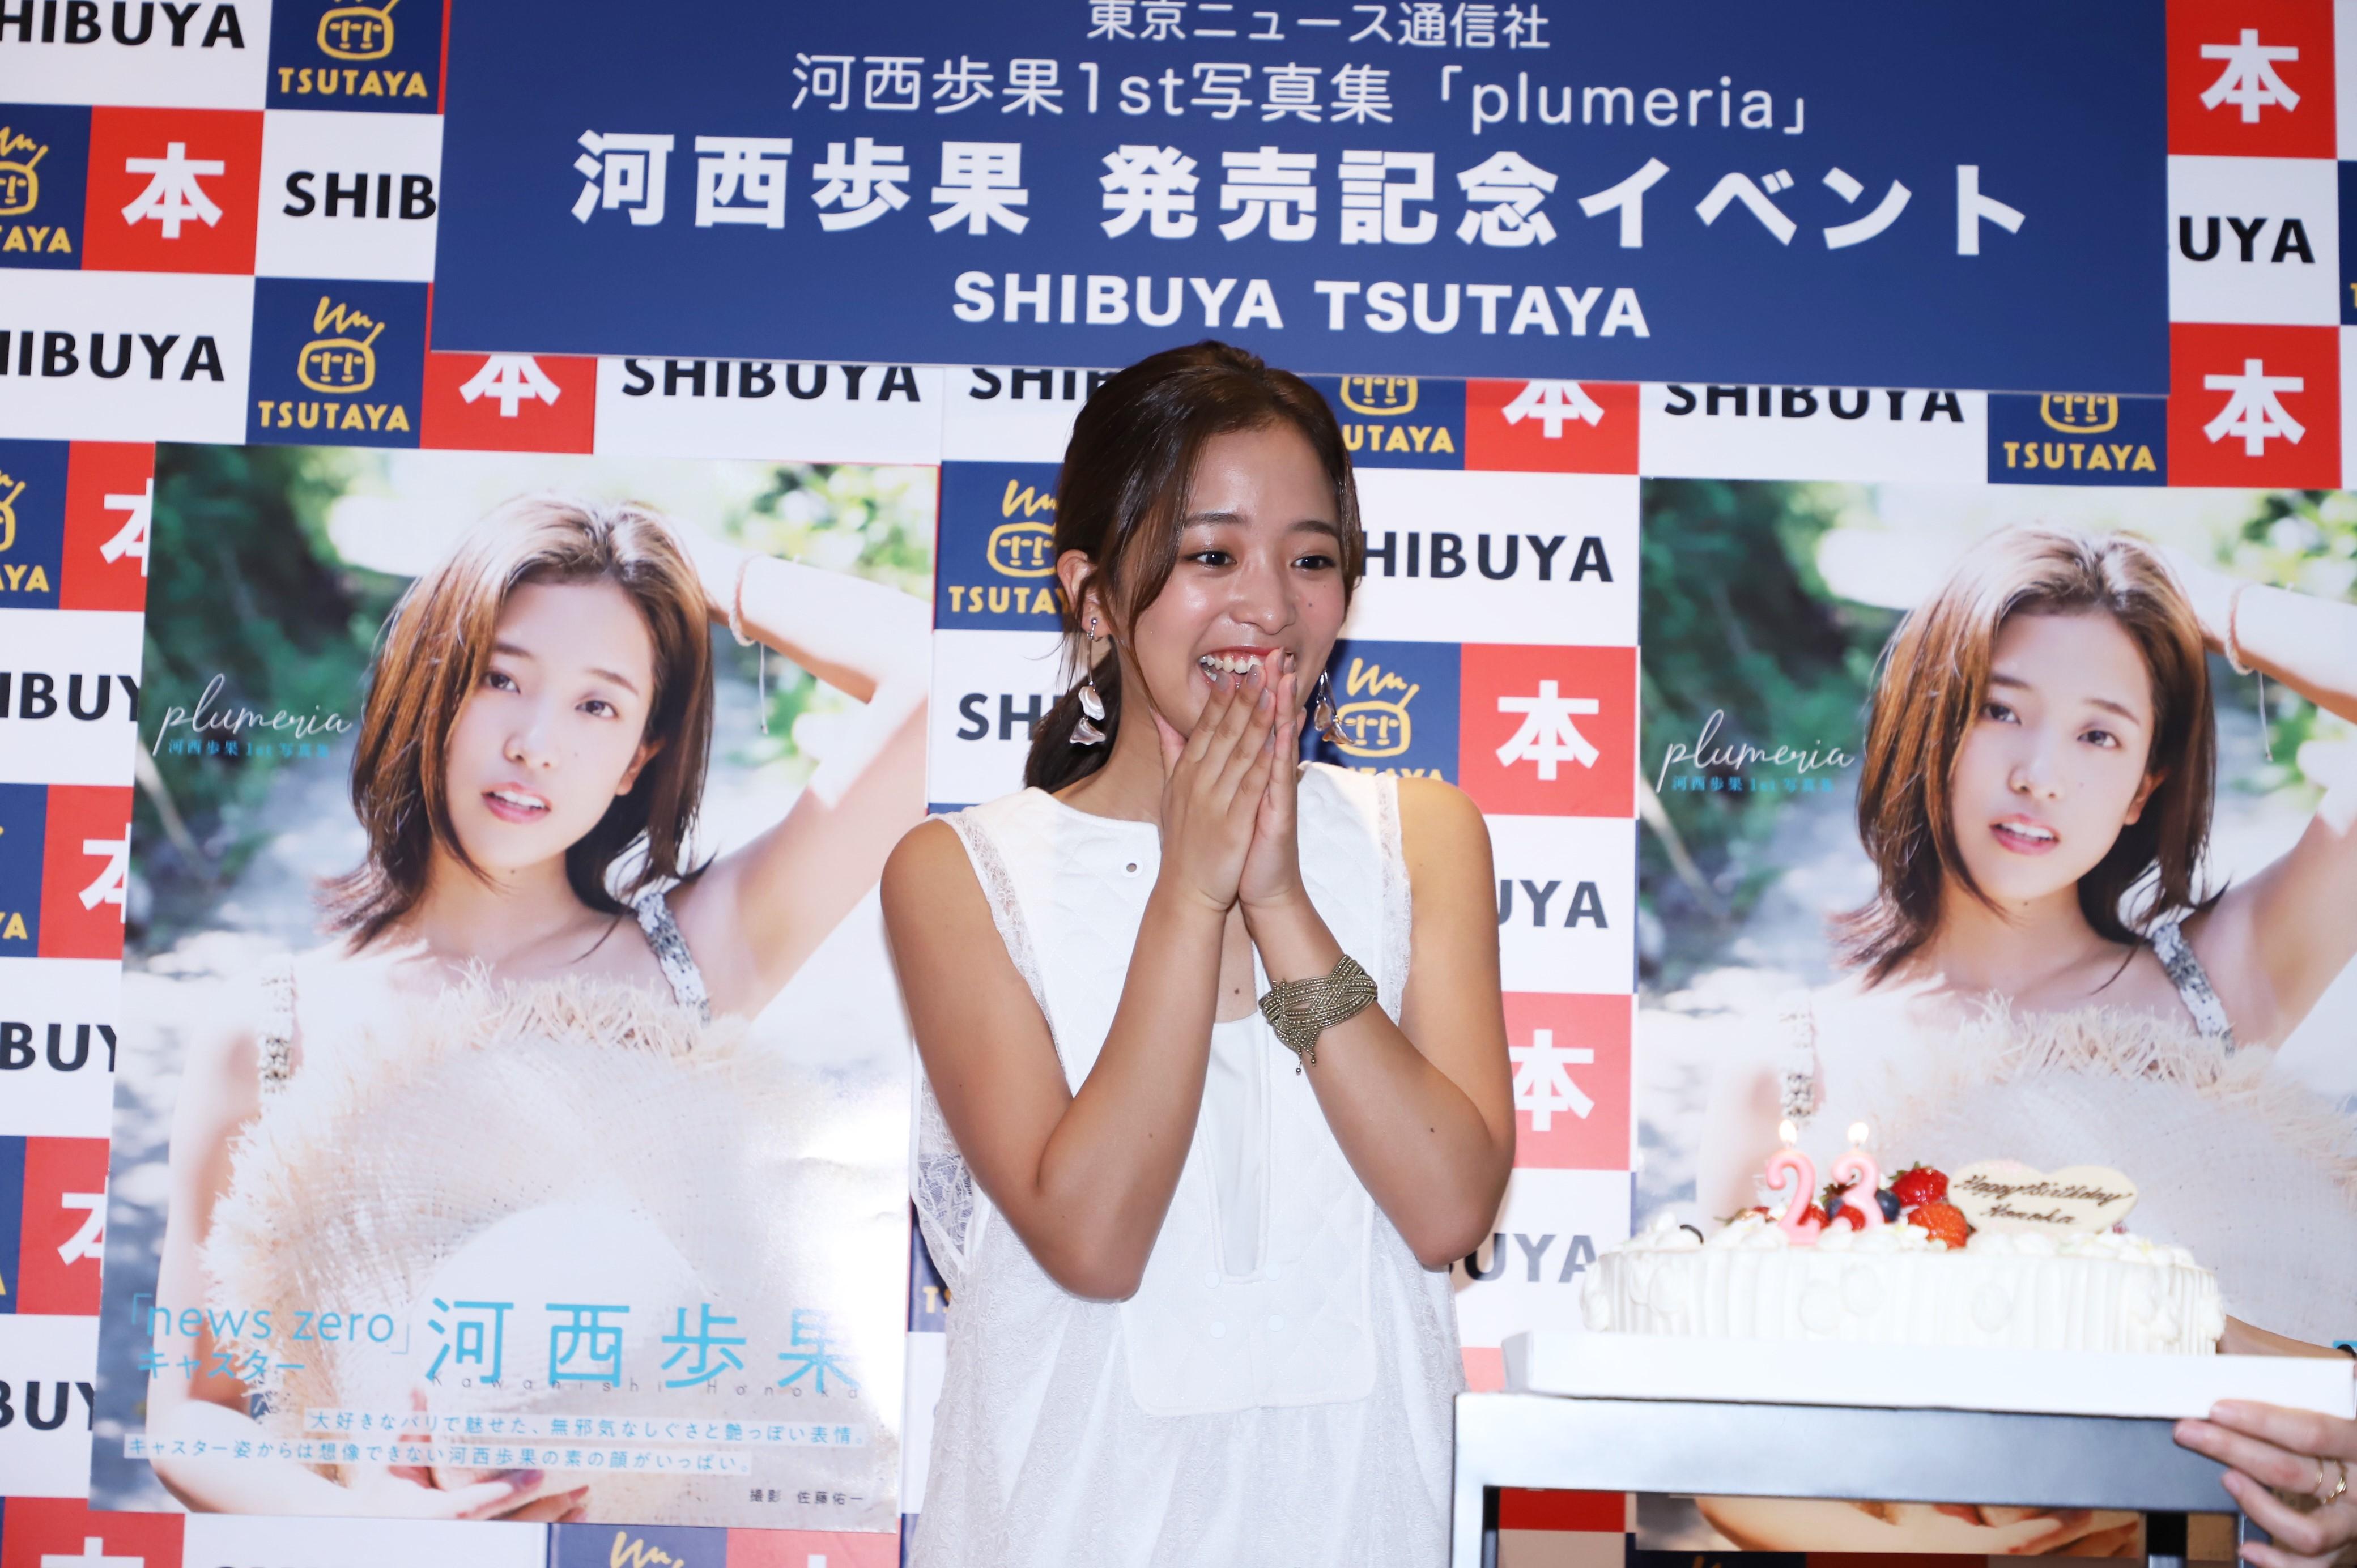 河西歩果(かわにし ほのか)/1st写真集「plumeria」(東京ニュース通信社刊)発売記念イベントにて(2019年7月6日、SHIBUYA TSUTAYAにて)